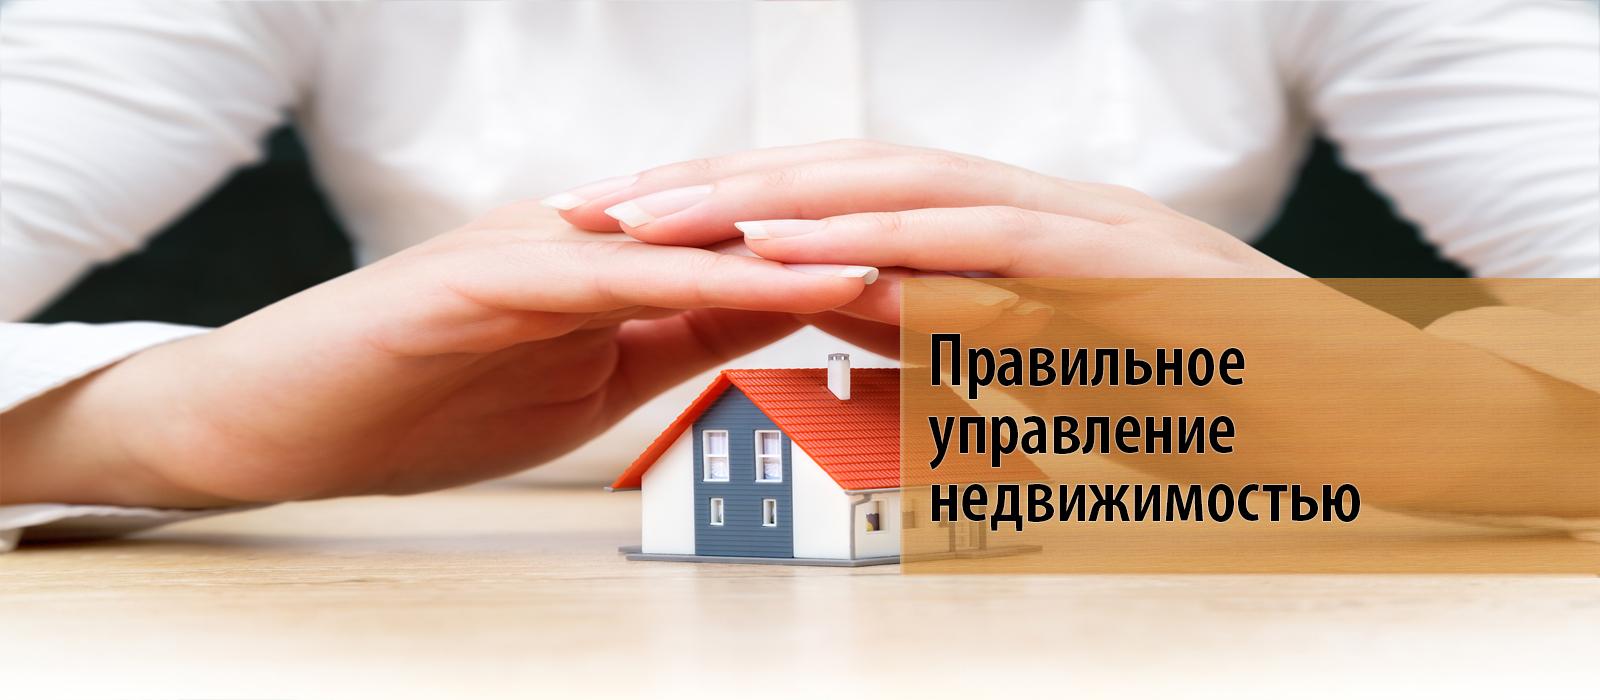 Грамотный подход к управлению недвижимостью является залогом успешной реализации инвестиционного проекта